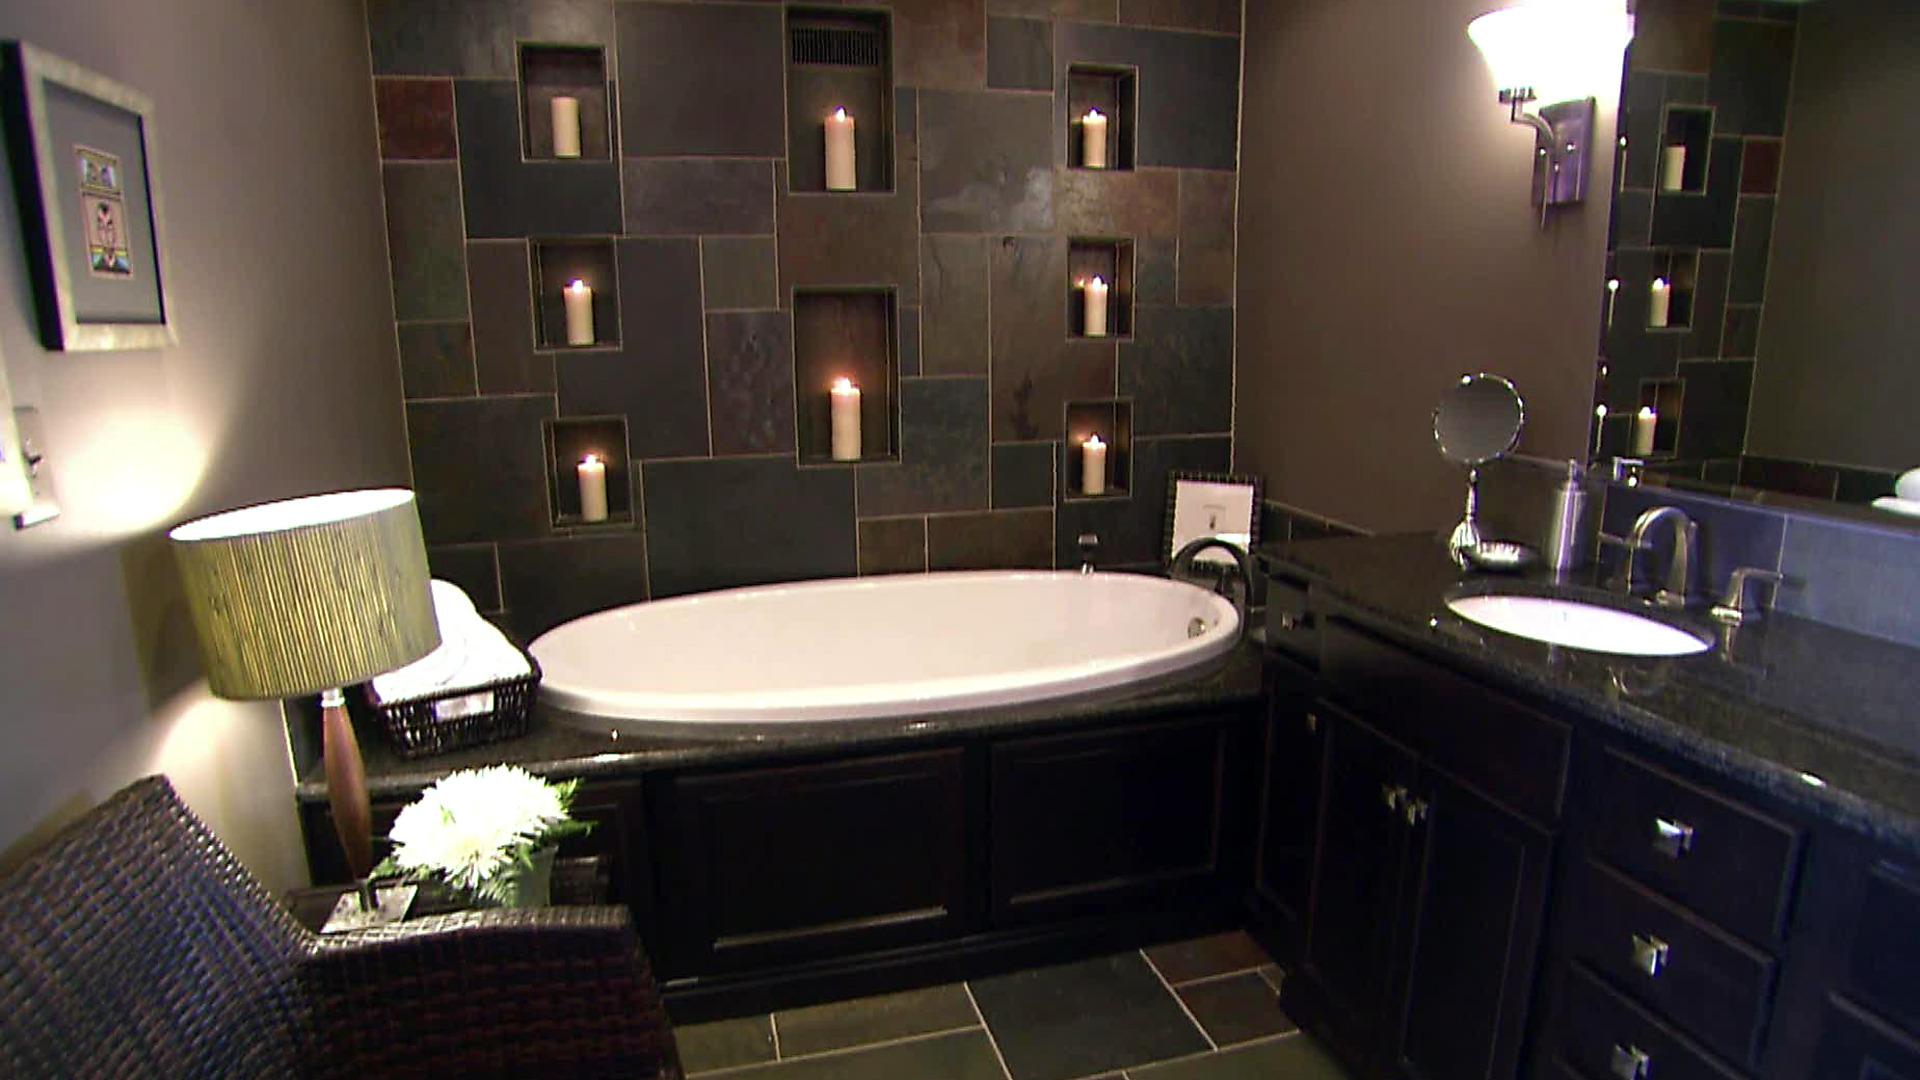 Bathroom Makeover Ideas for Bathroom Makeover, Pictures & Videos    hgtv ACPMJOM